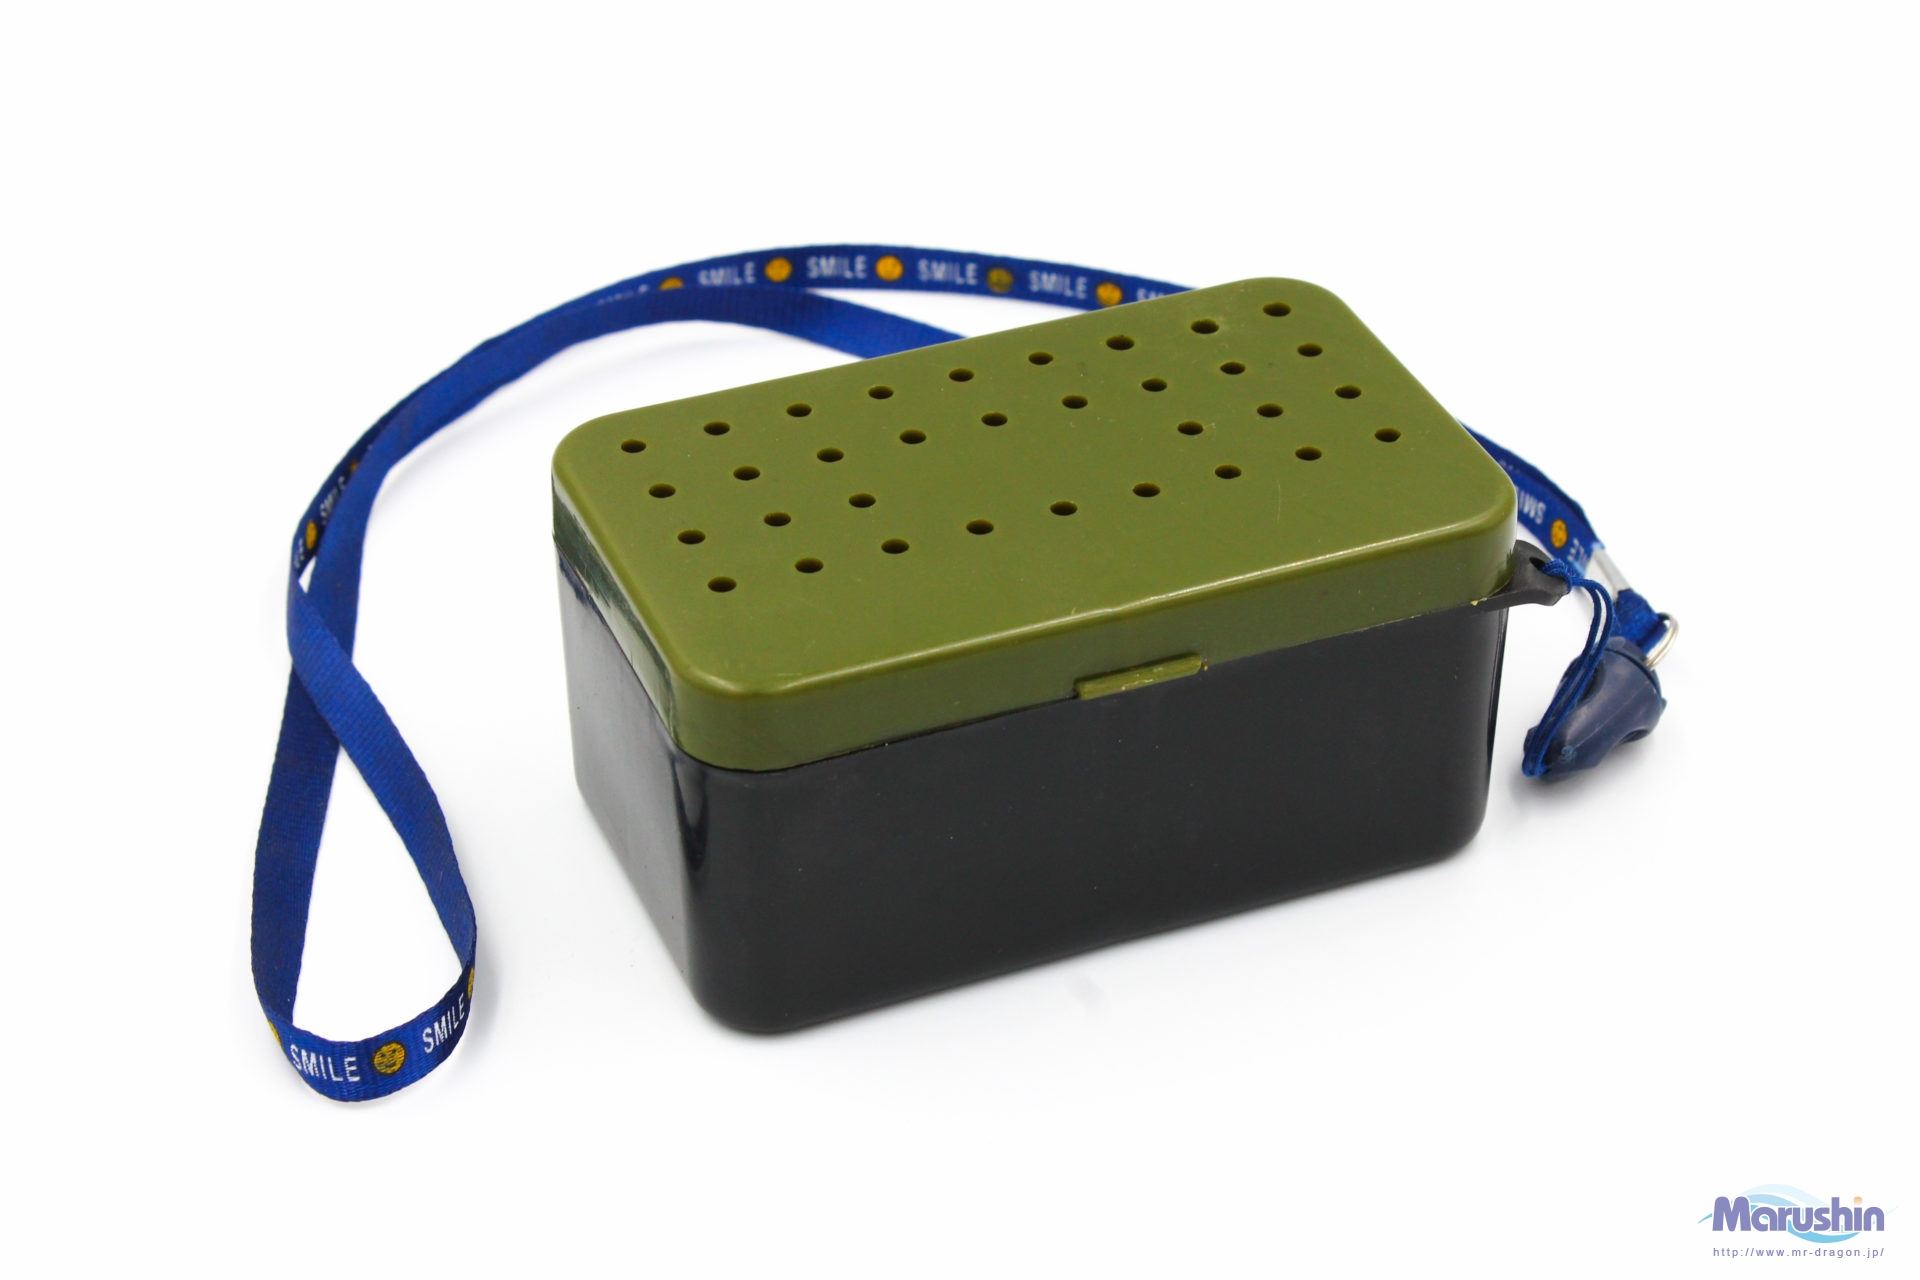 虫エサBOX ミニイメージ画像